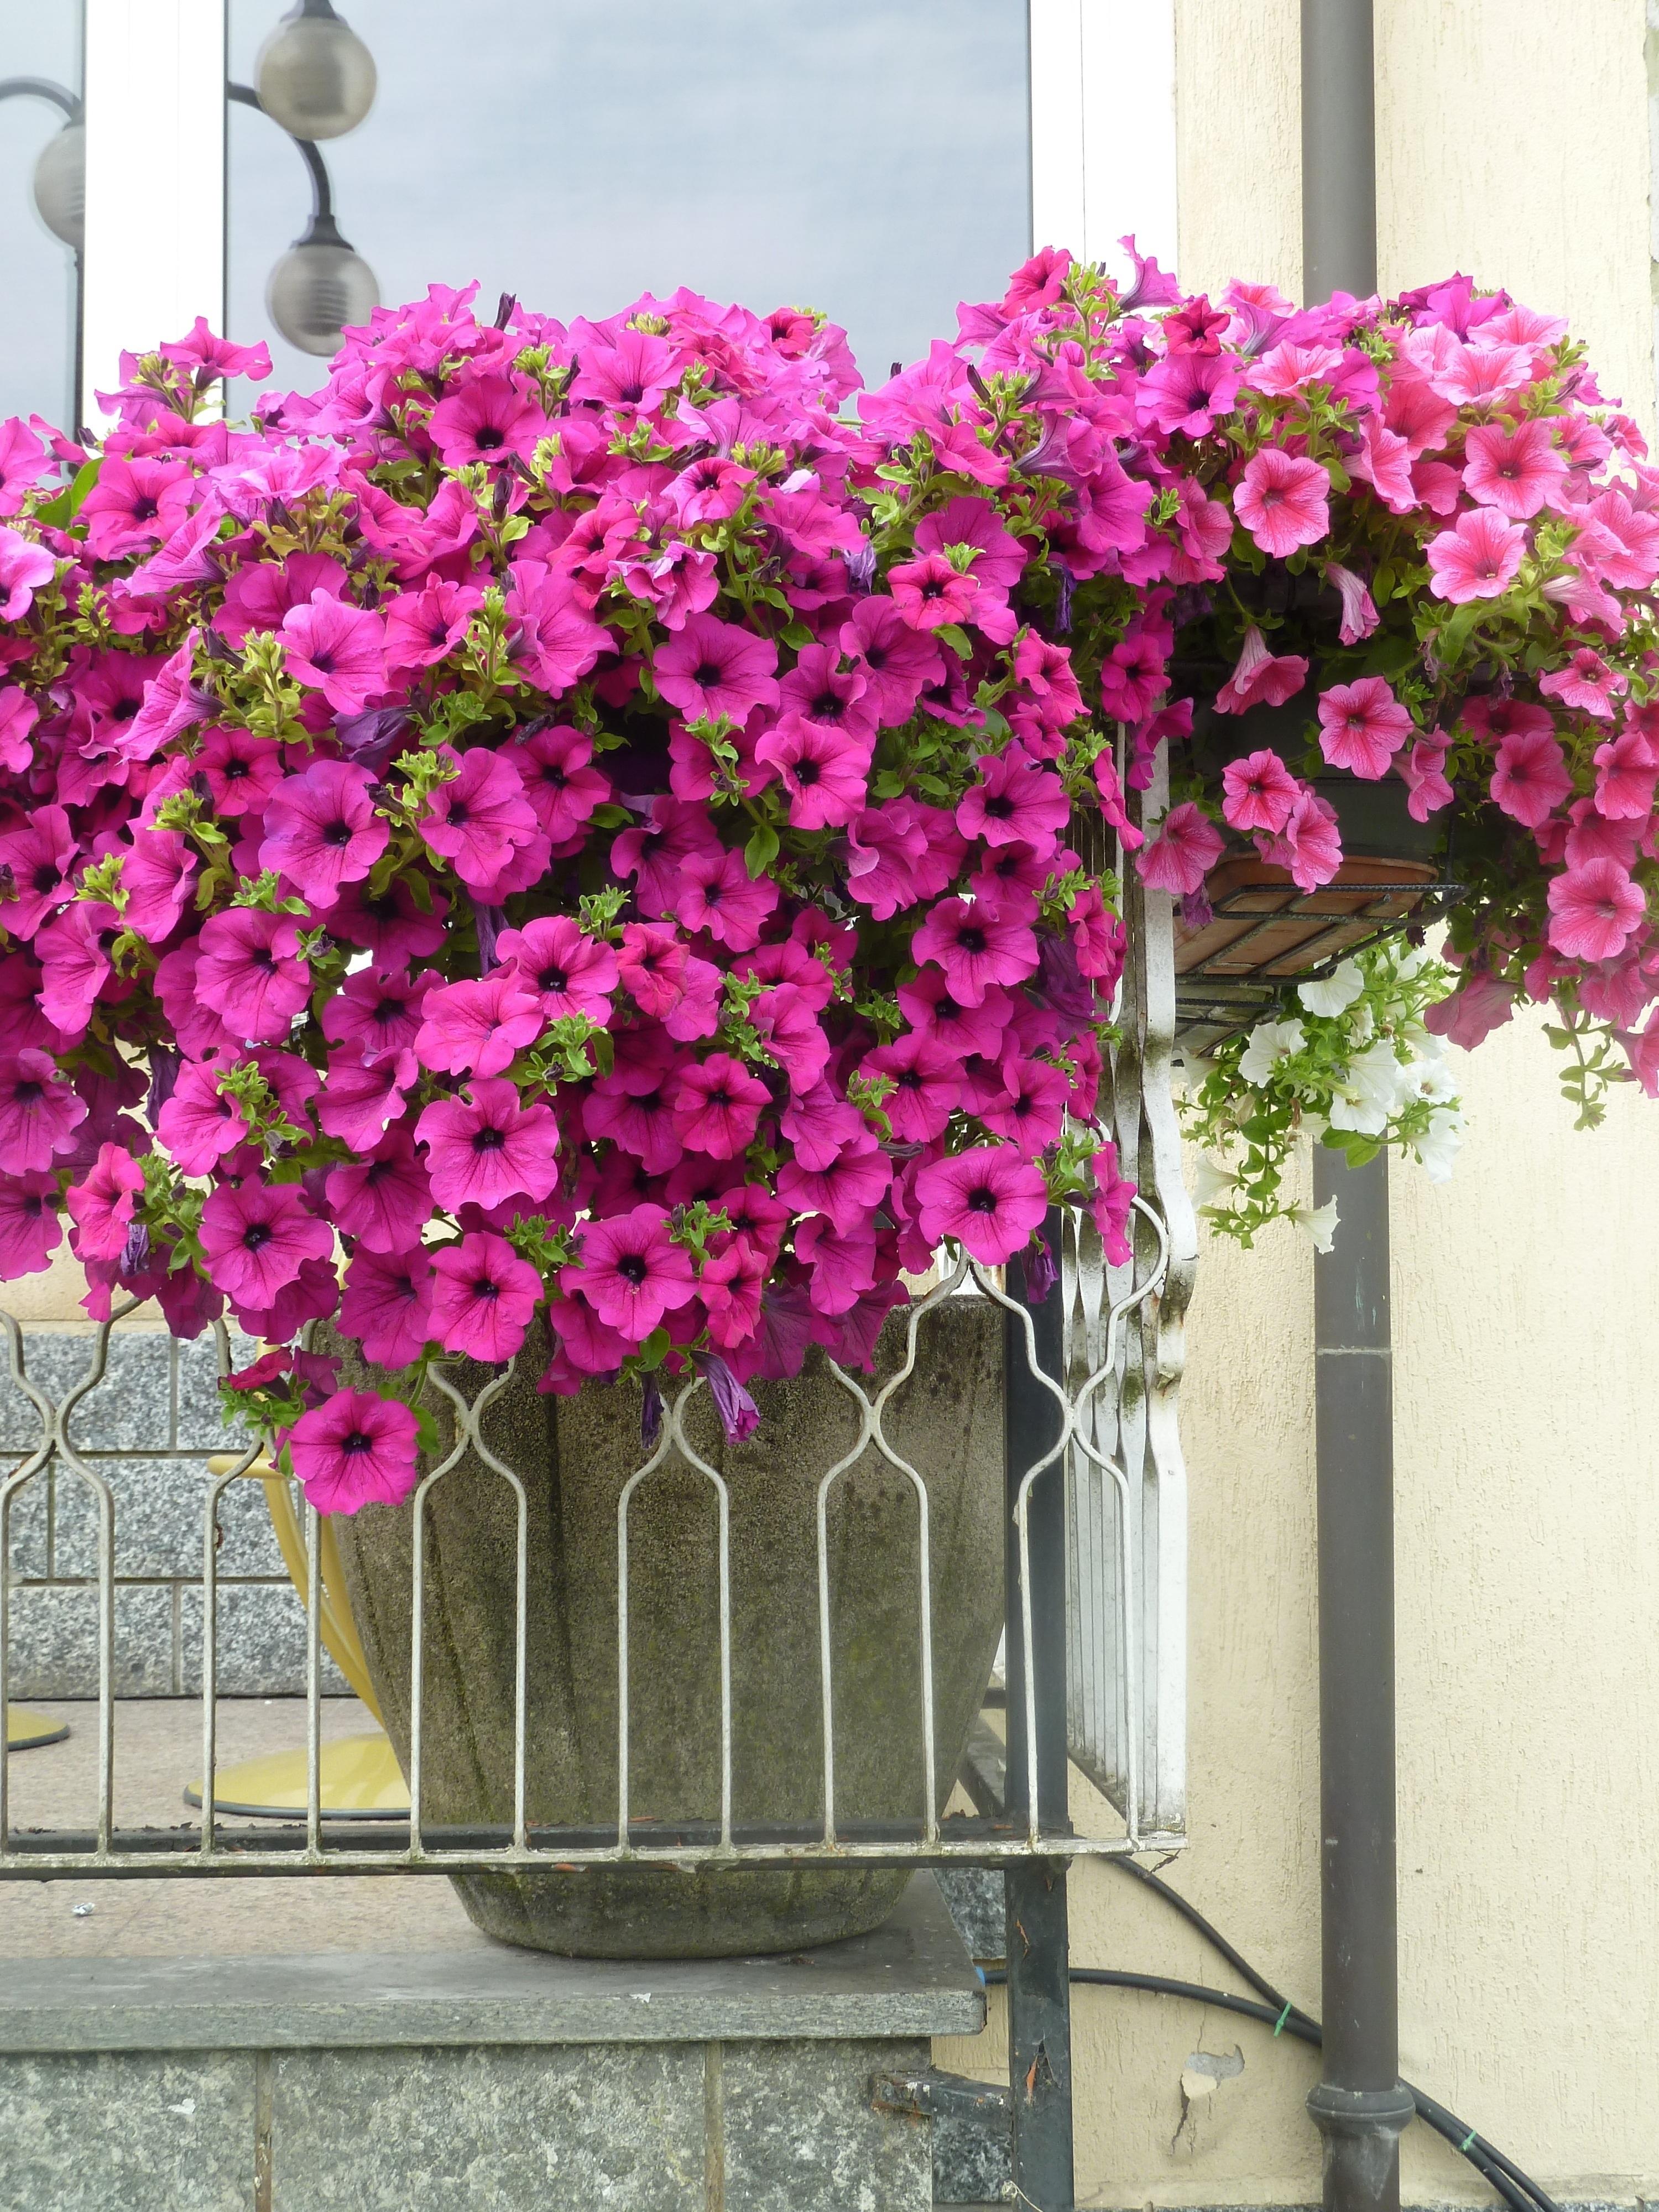 Images Gratuites Fleur Balcon Rose Hortensia